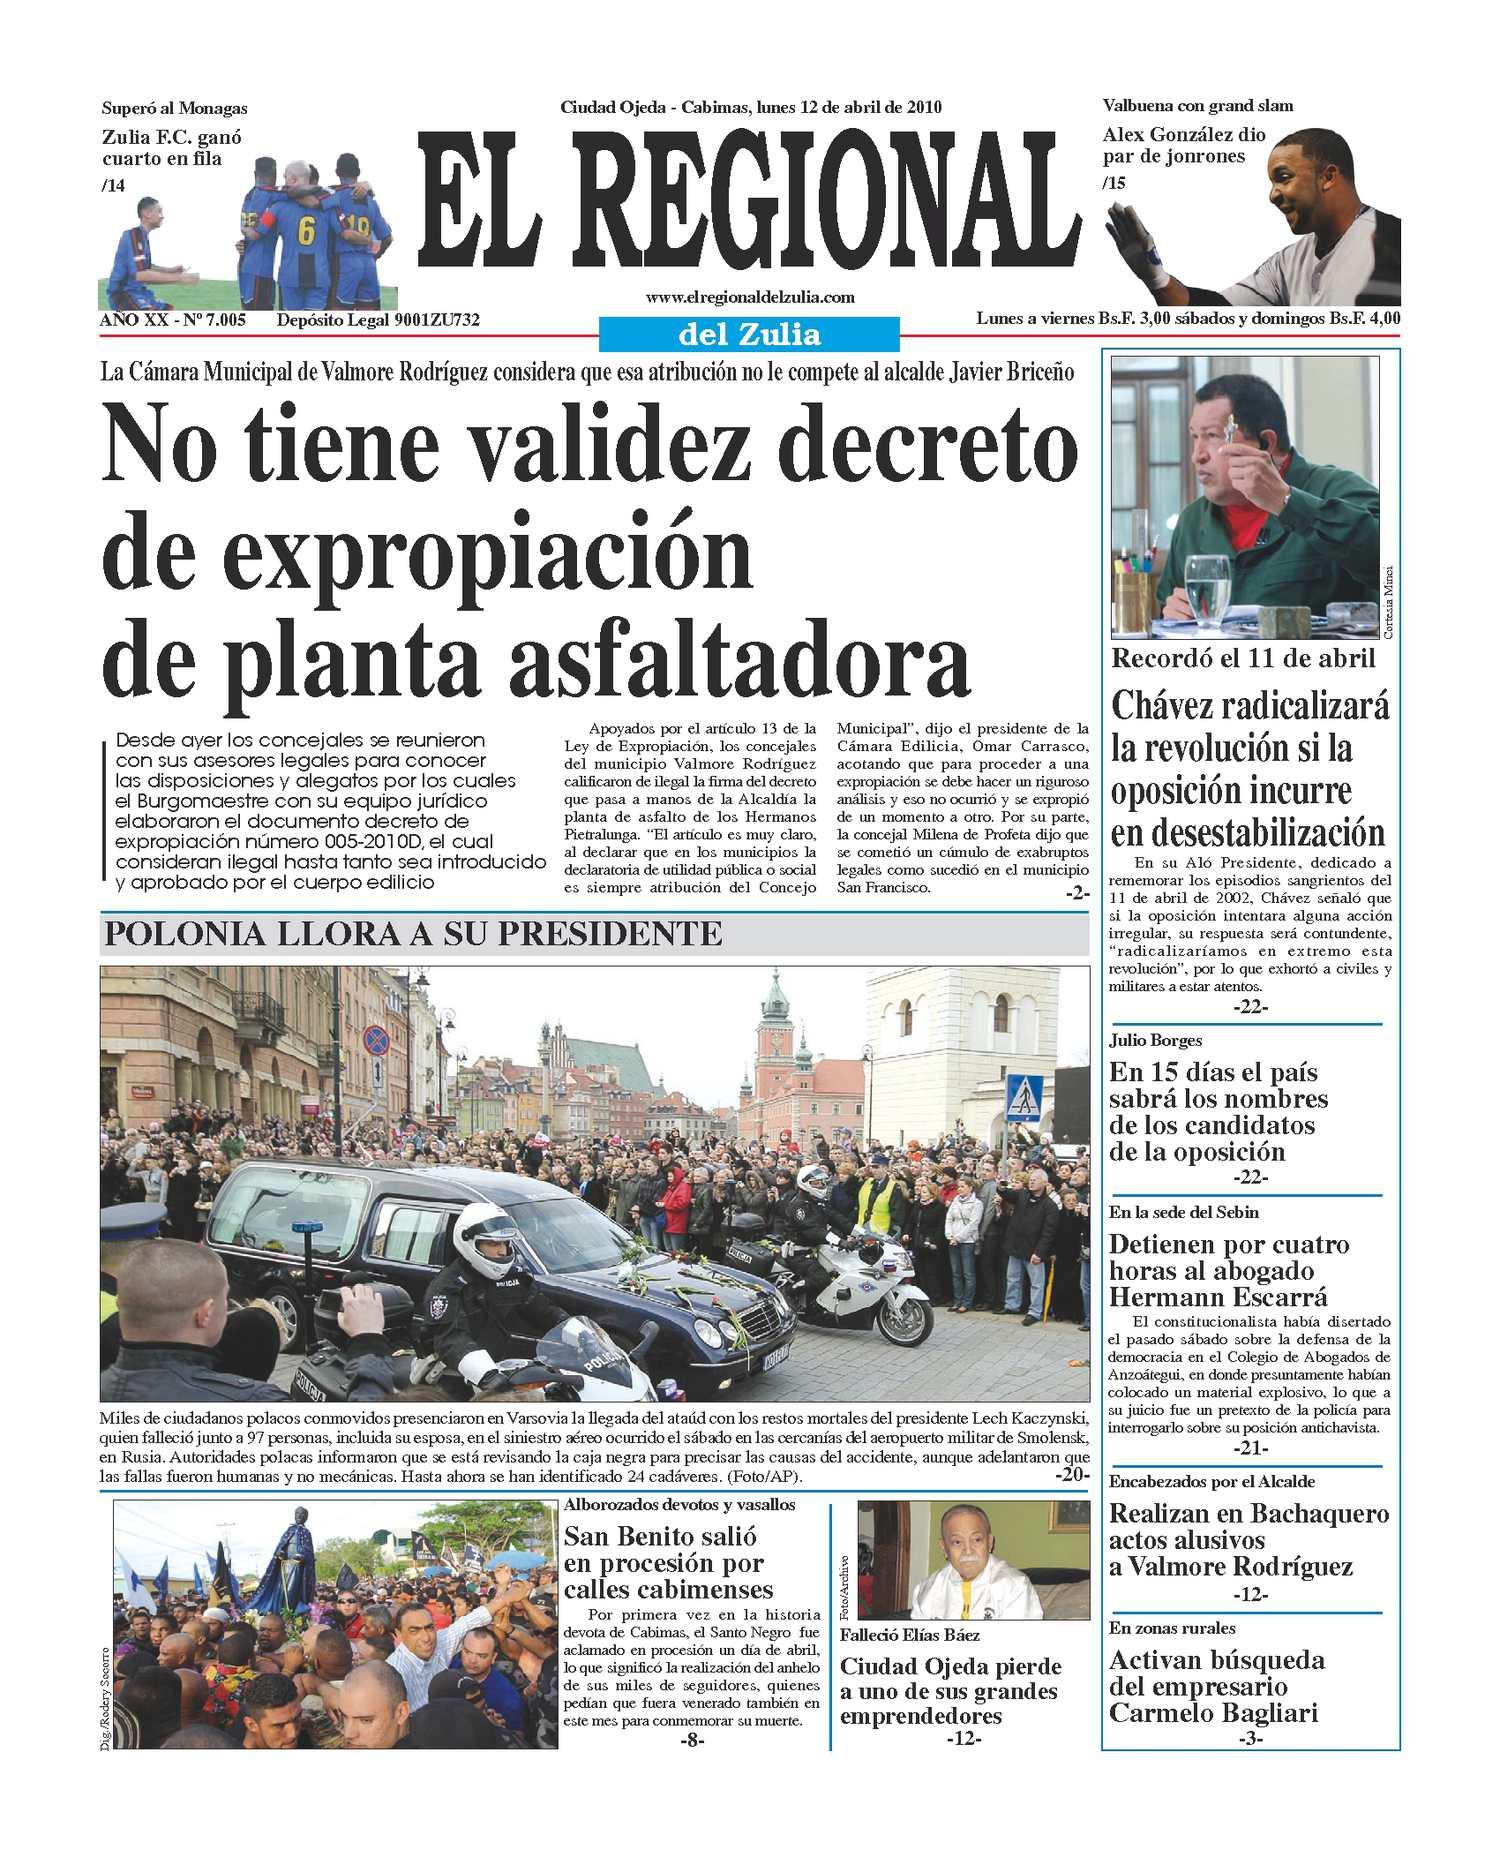 El Regional del Zulia 12-04-2010